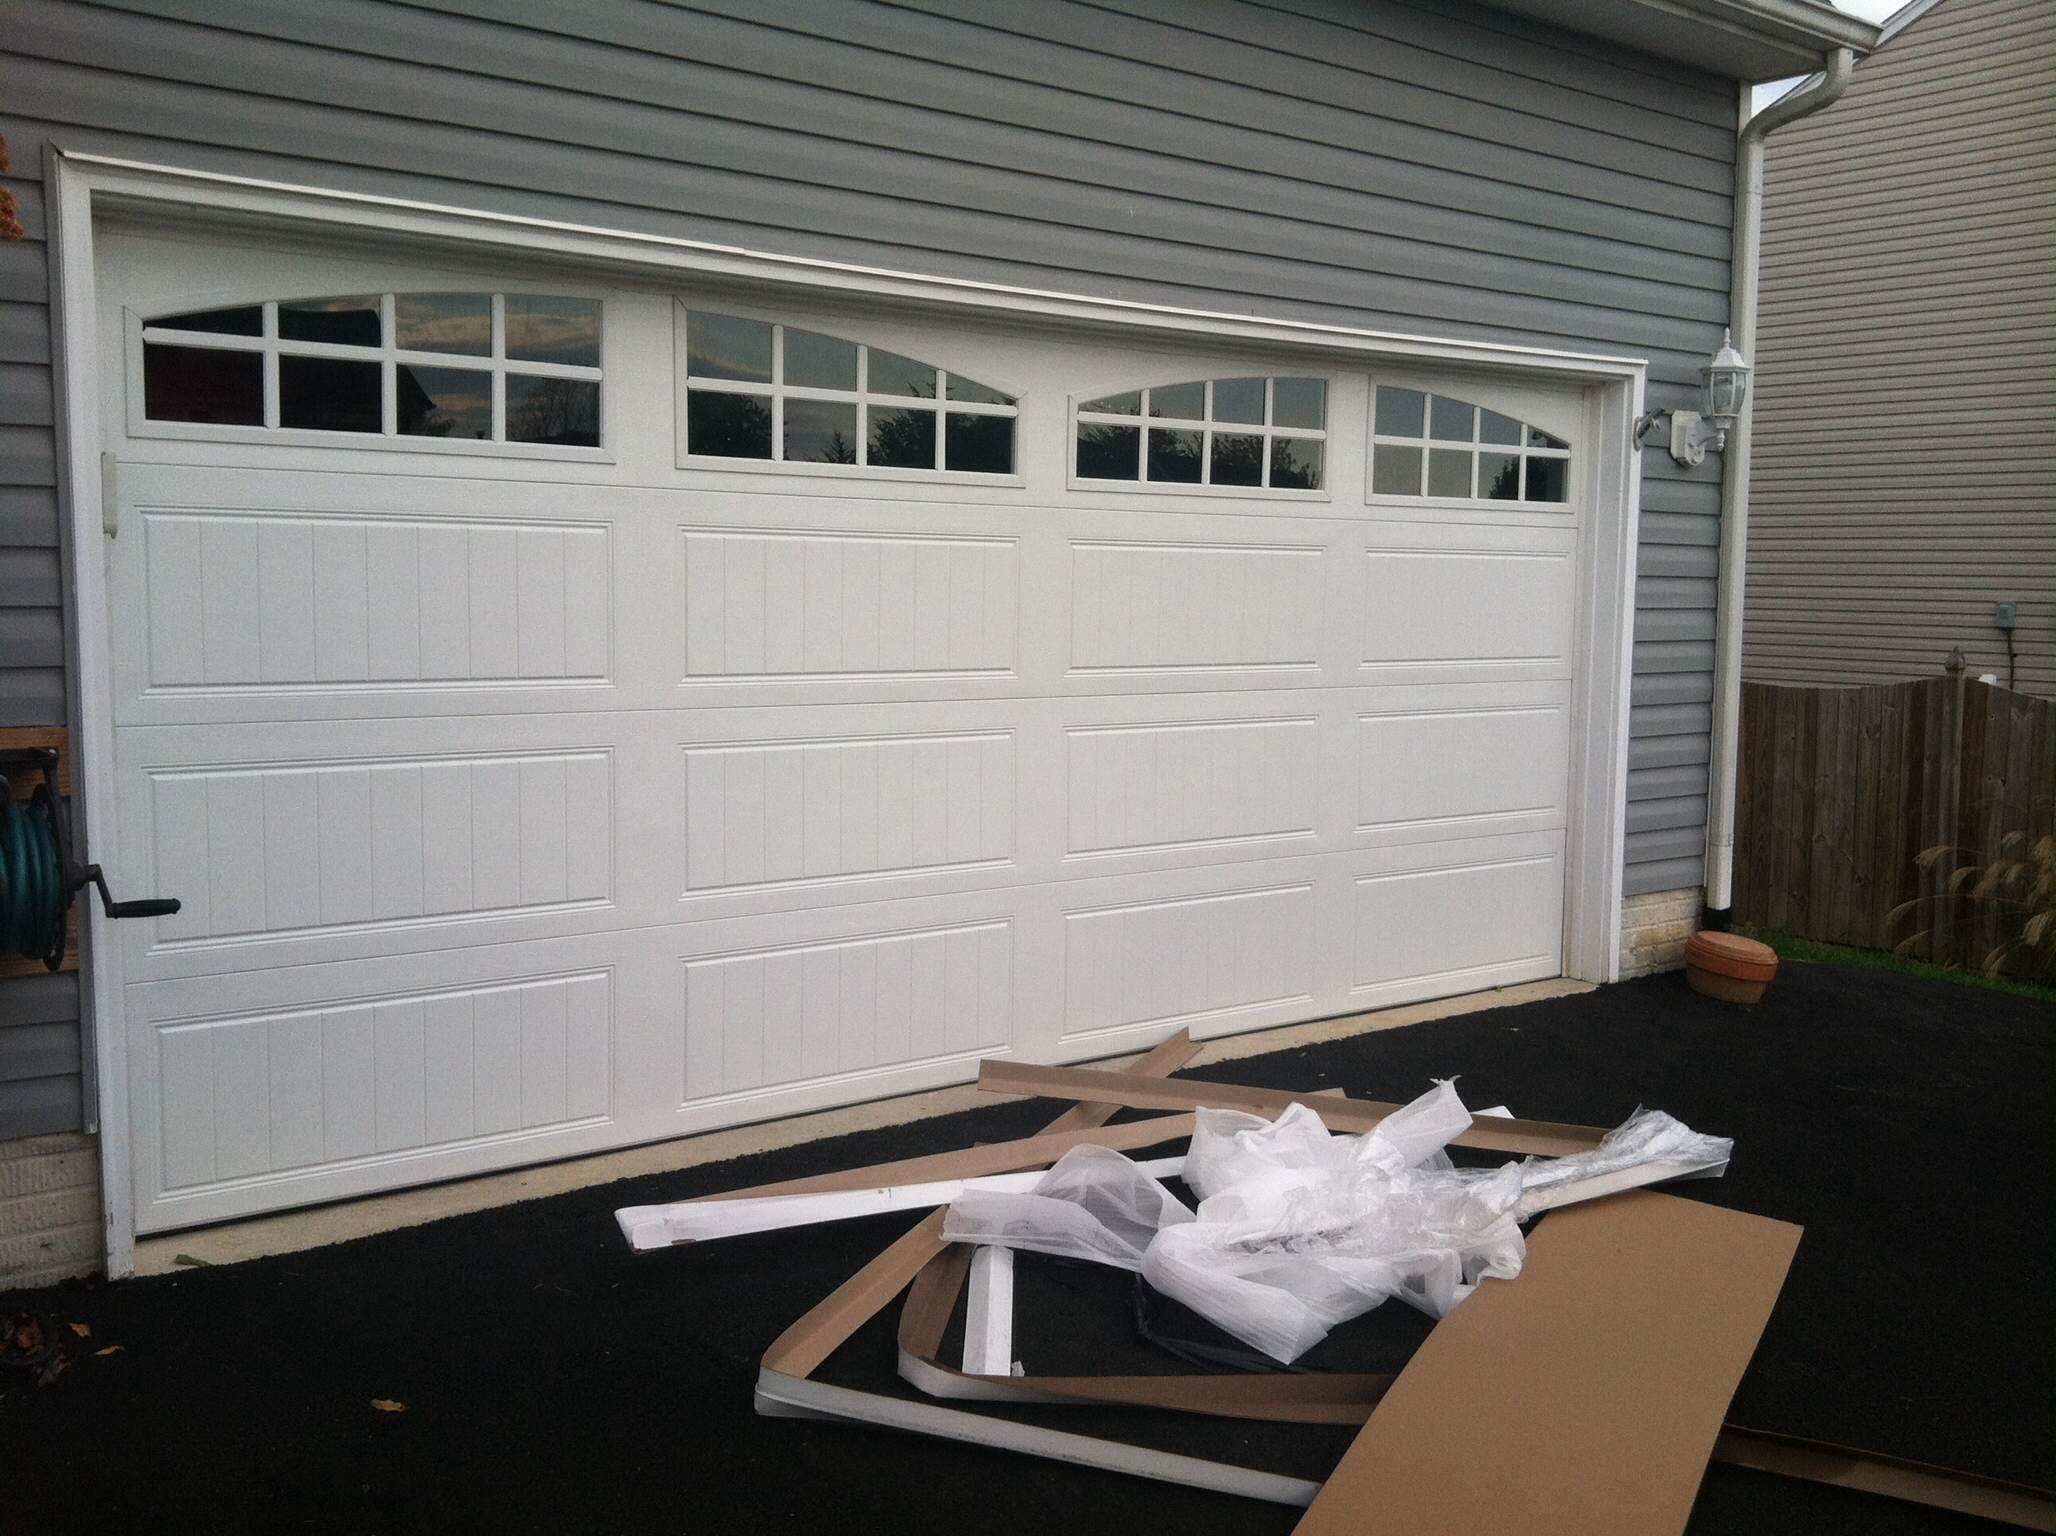 Legman Usa Garage Door Repair Herndon Va 703 543 9748 Garage Door Repair Near Me In Herndon Virginia